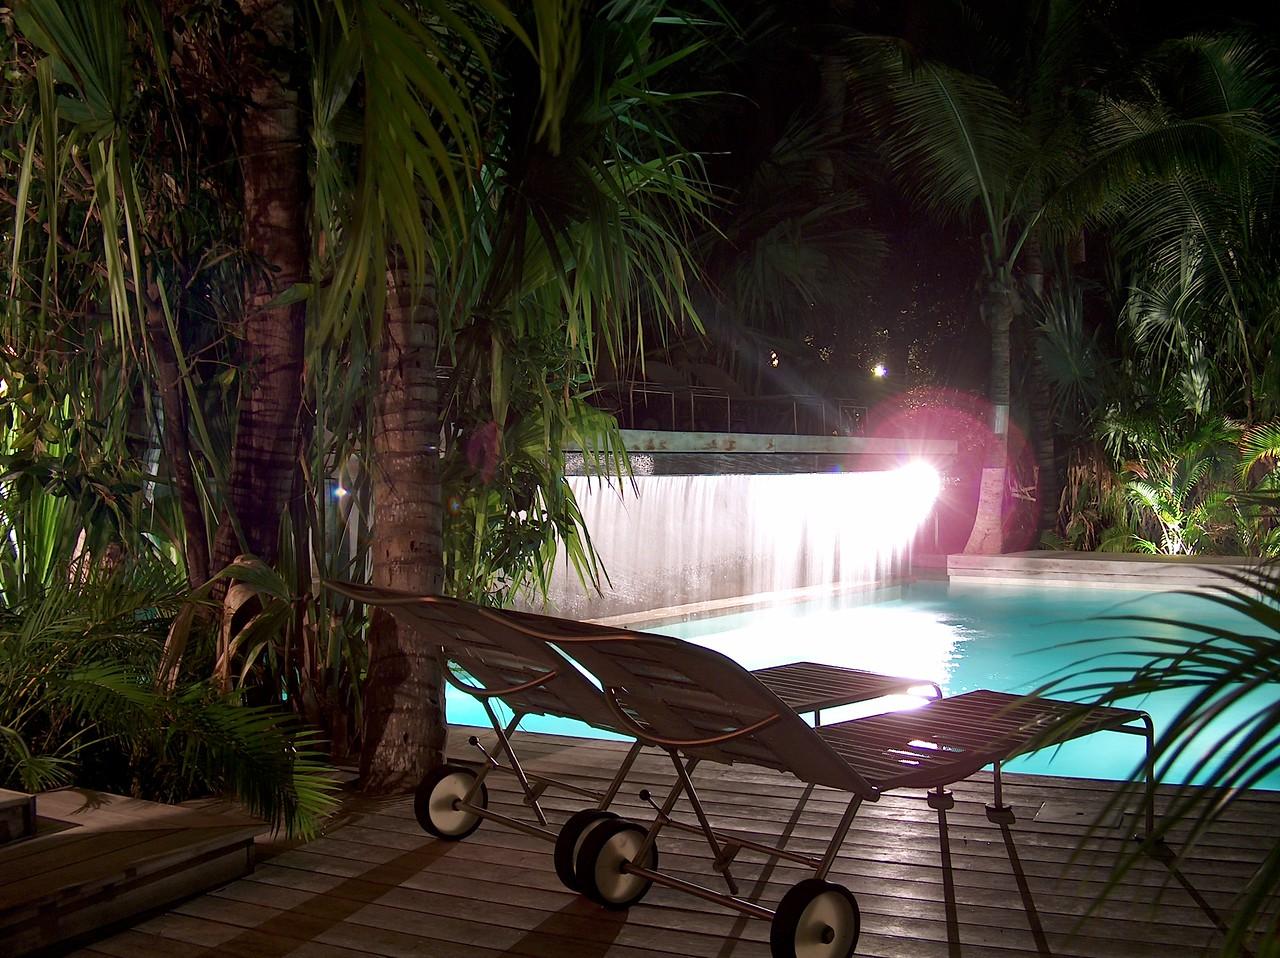 Saint Barth - Hotel La Banane - 2005